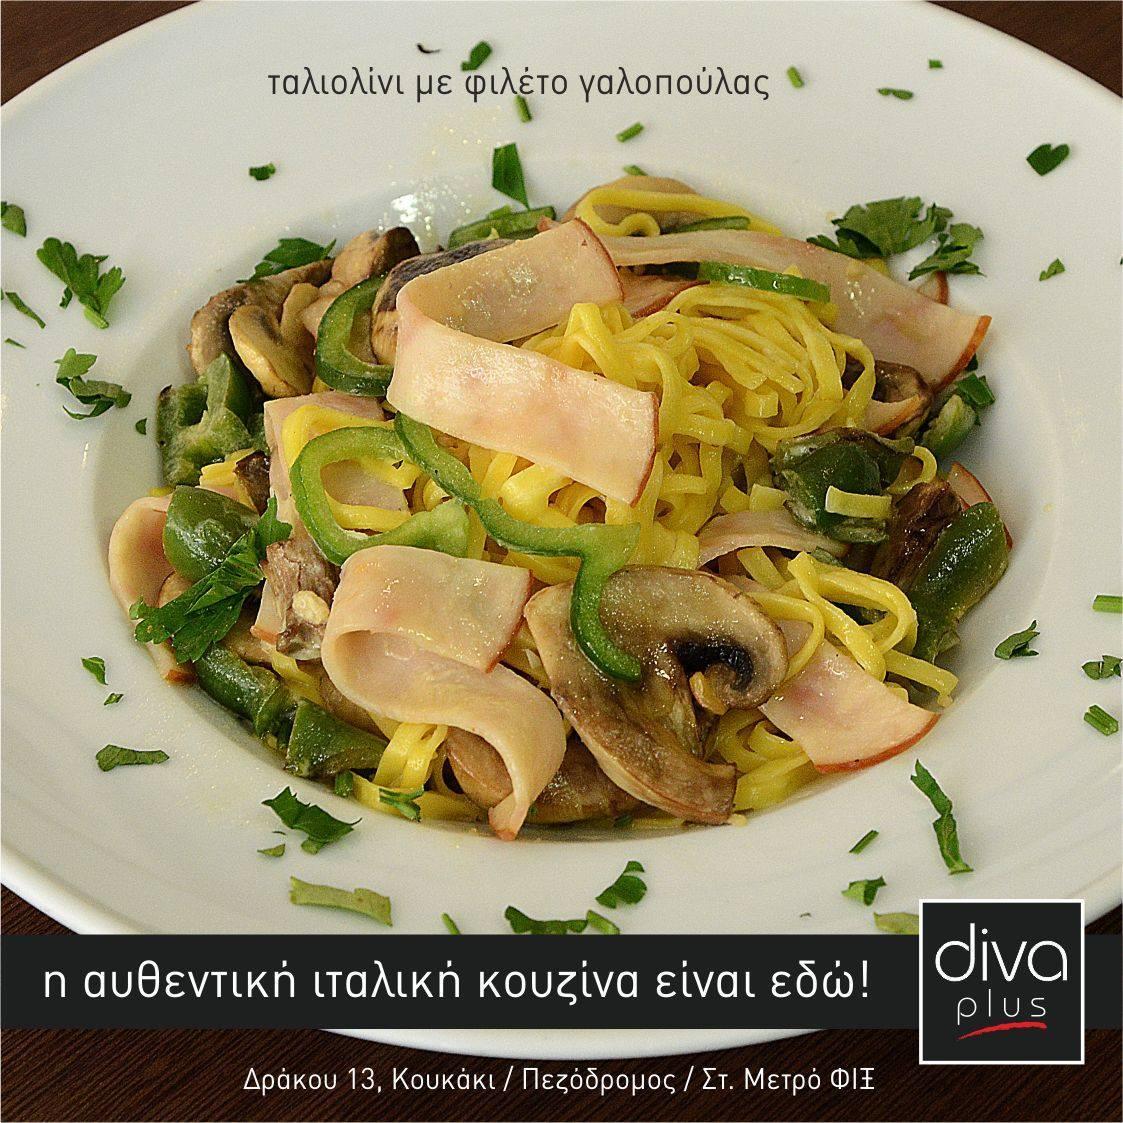 tagliolini with turkey fillet